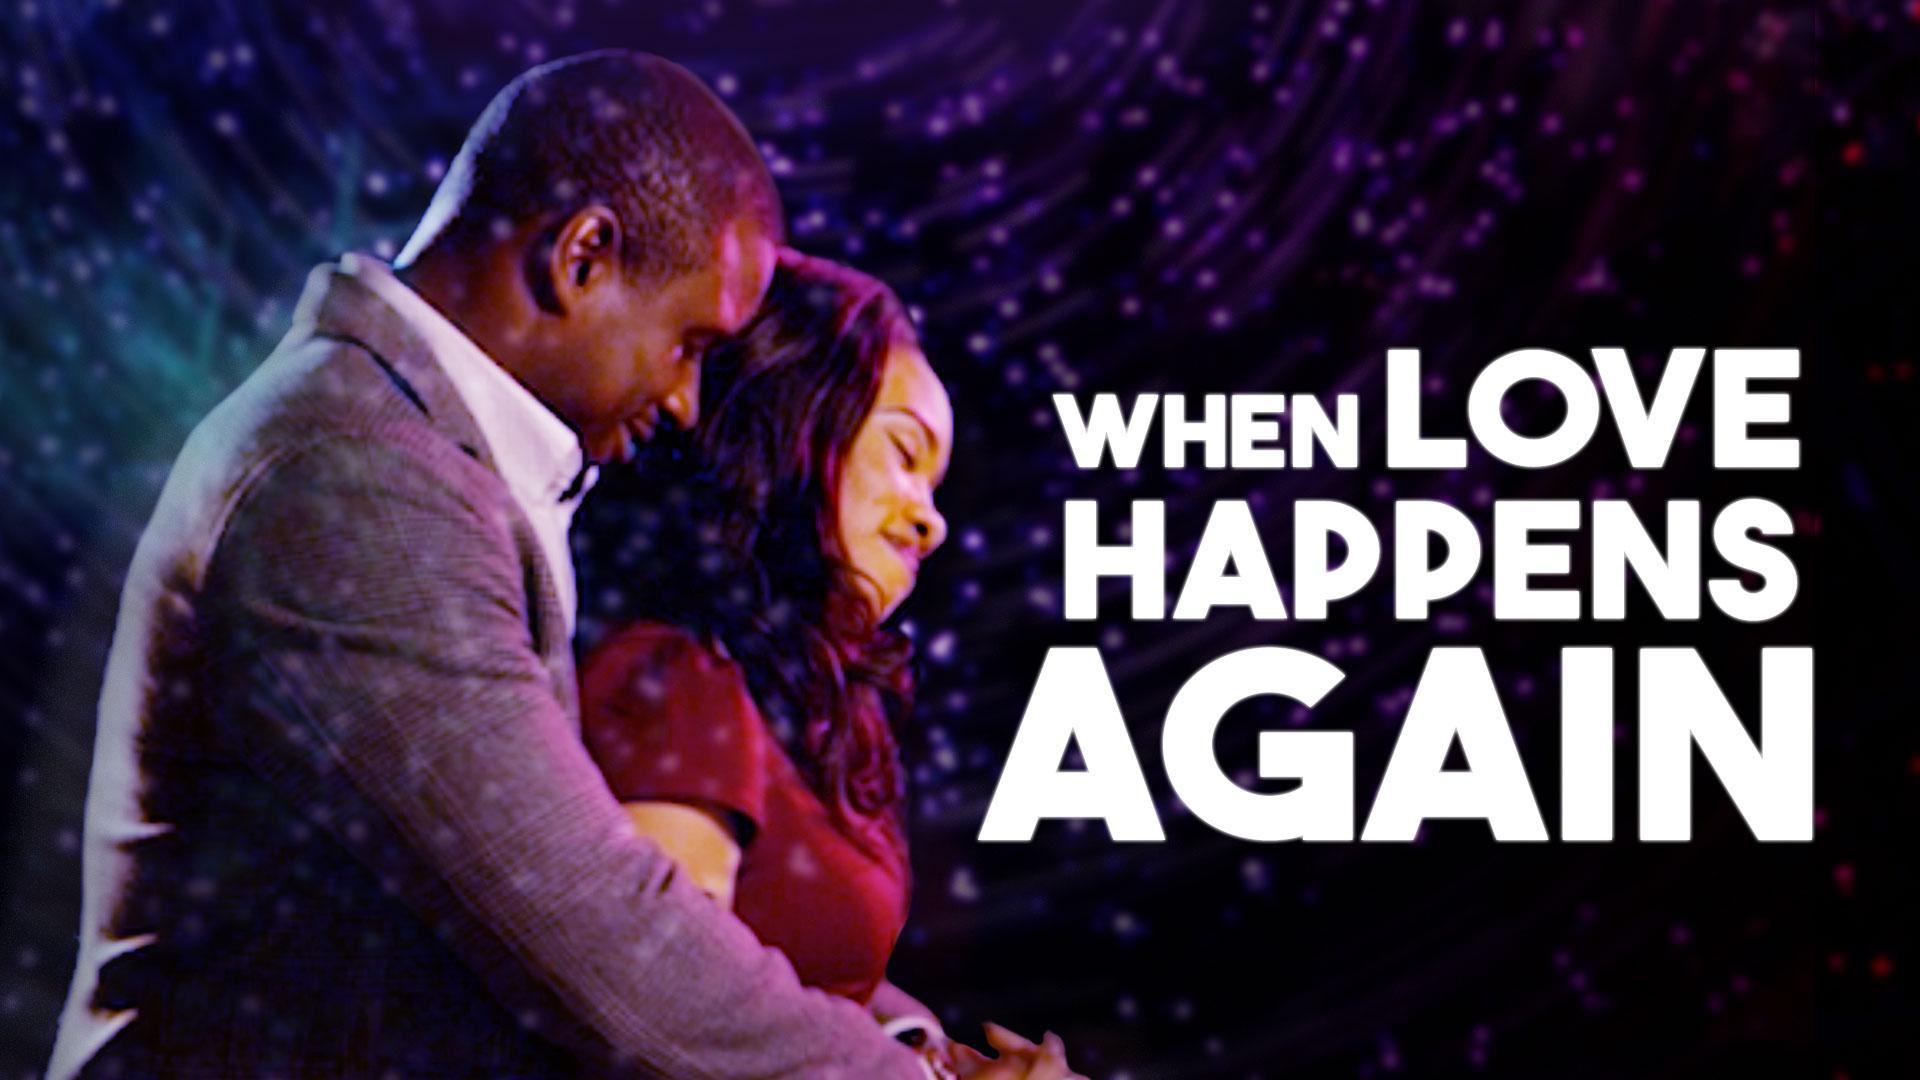 When Love Happens Again